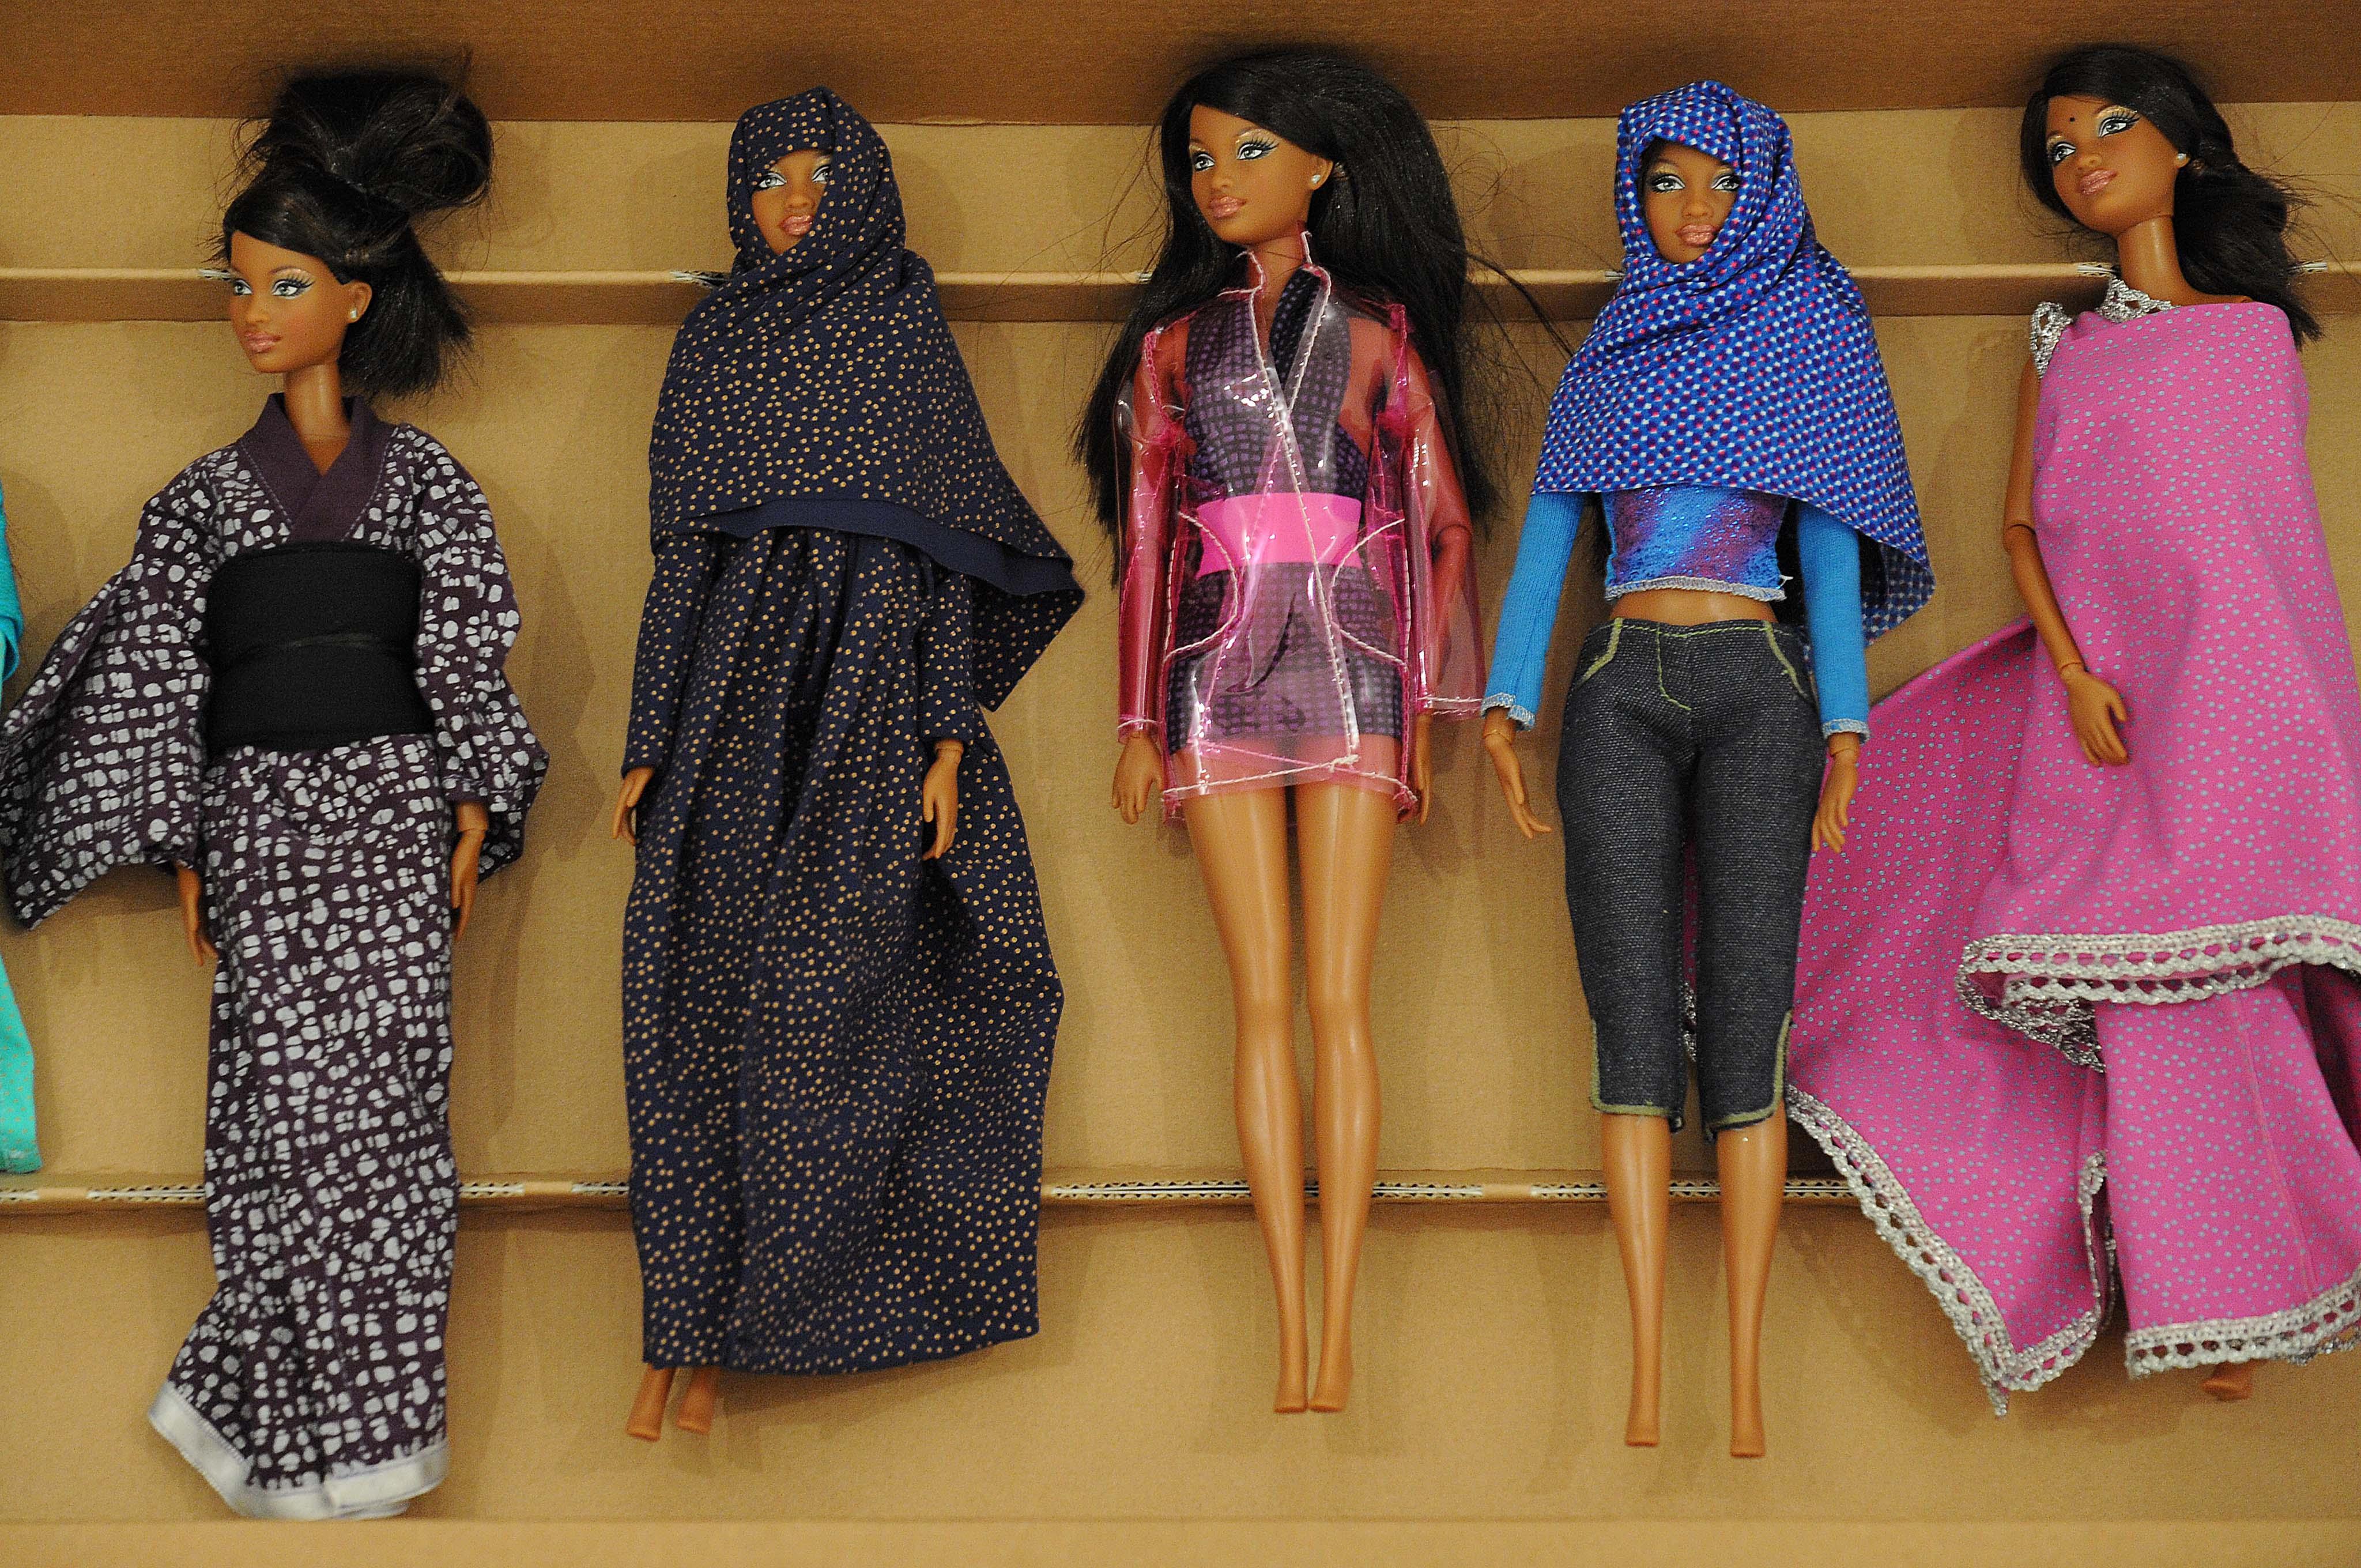 Curiosità: la Barbie diventa internazionale